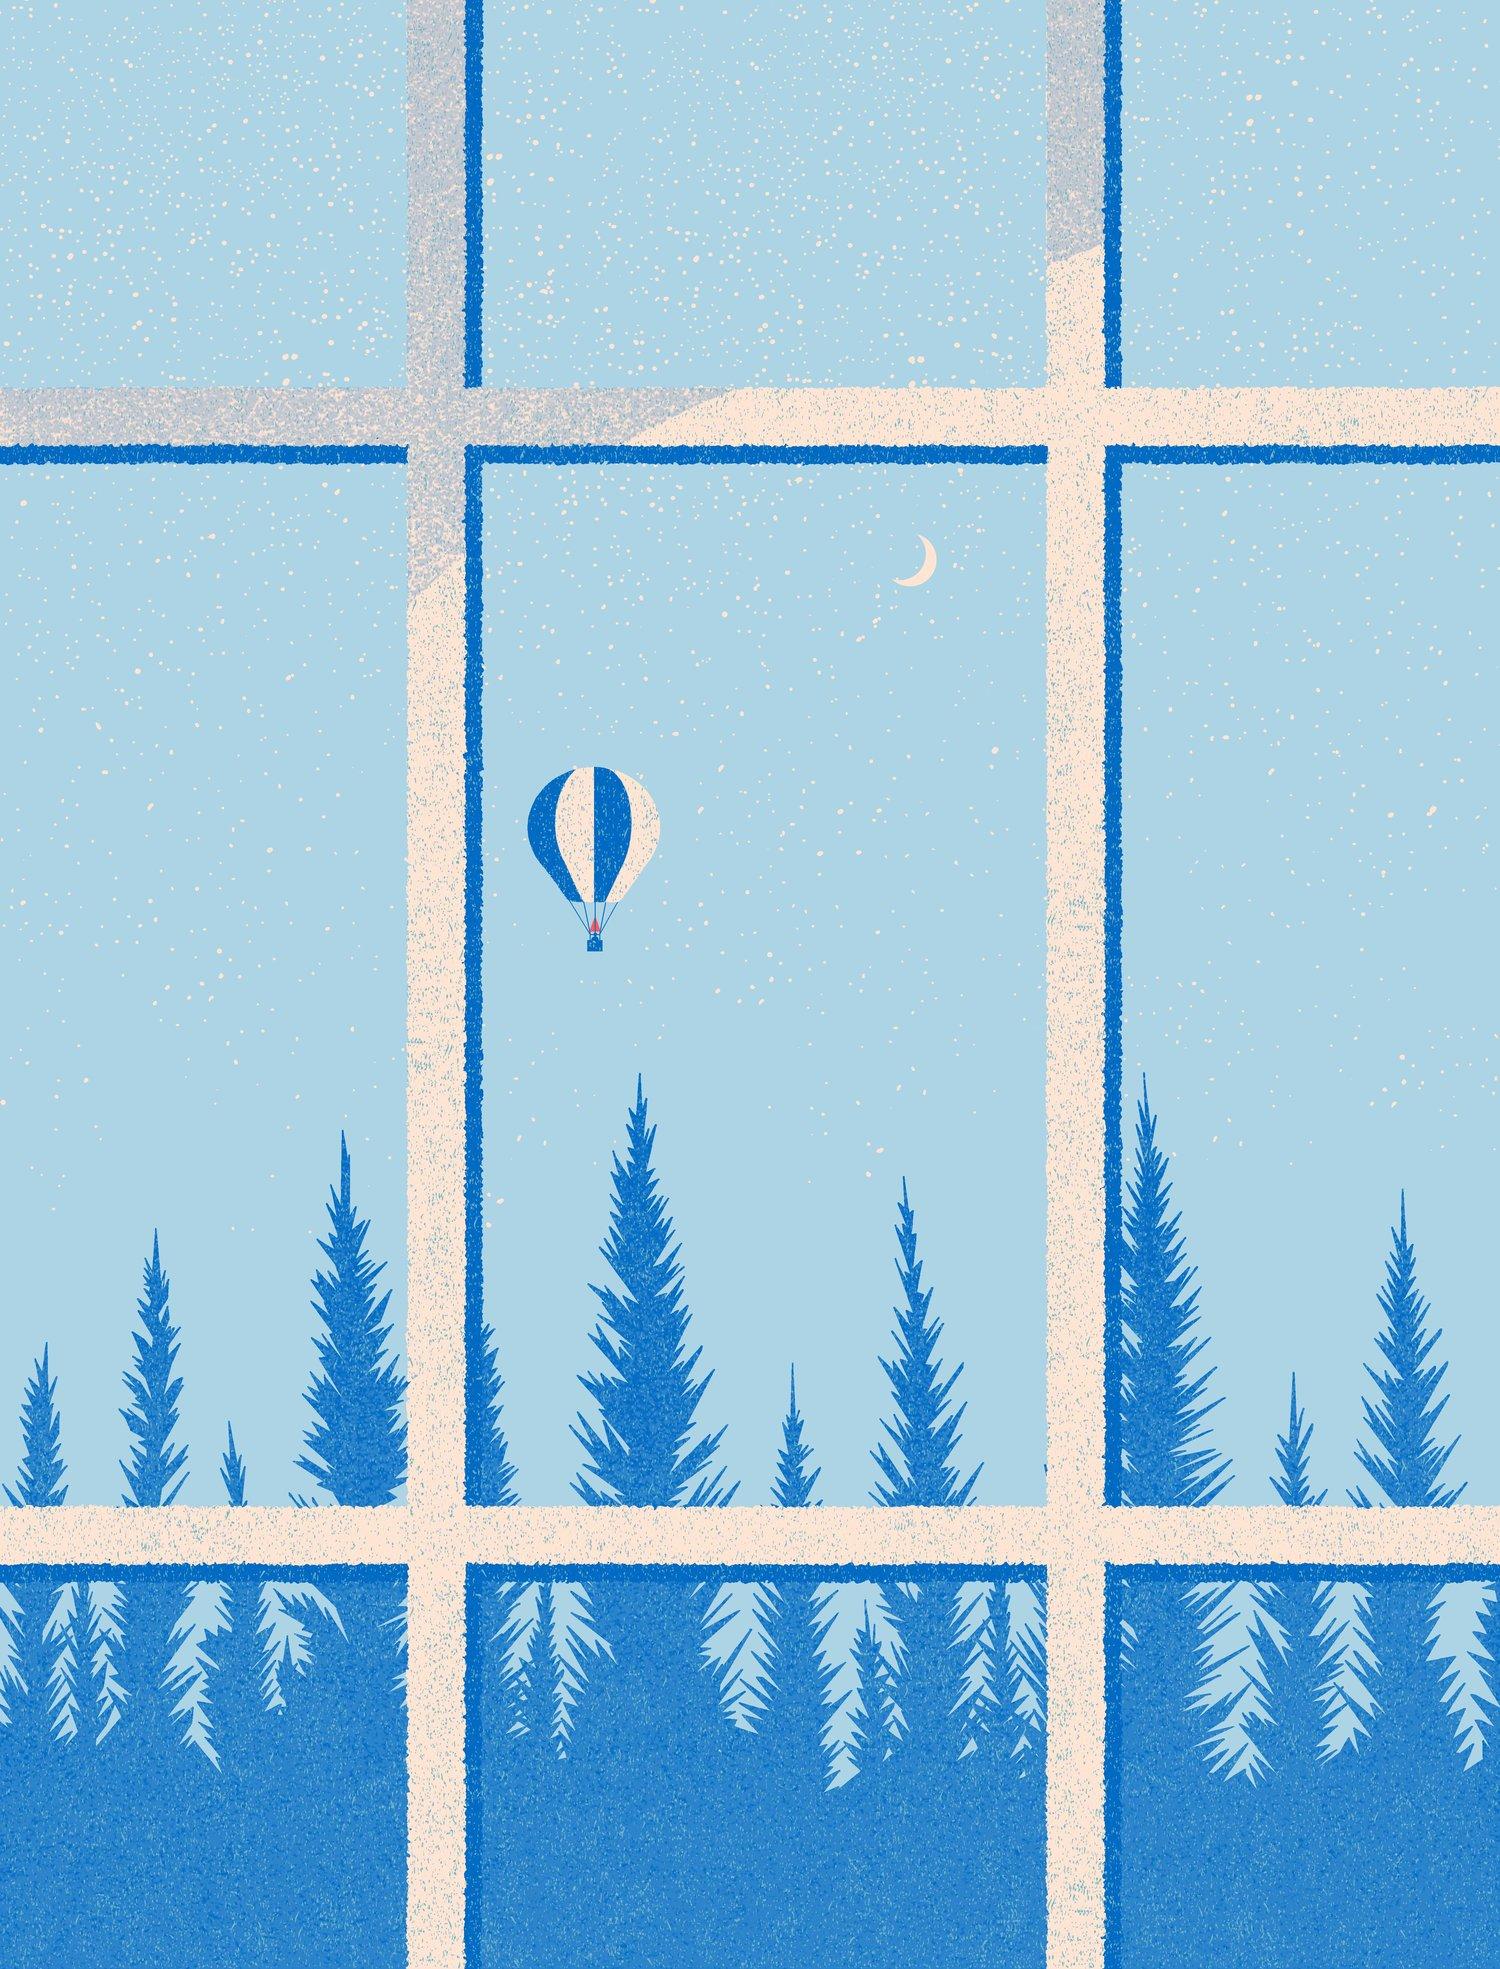 Le storie semplici illustrate da Andrius Banelis | Collater.al 3